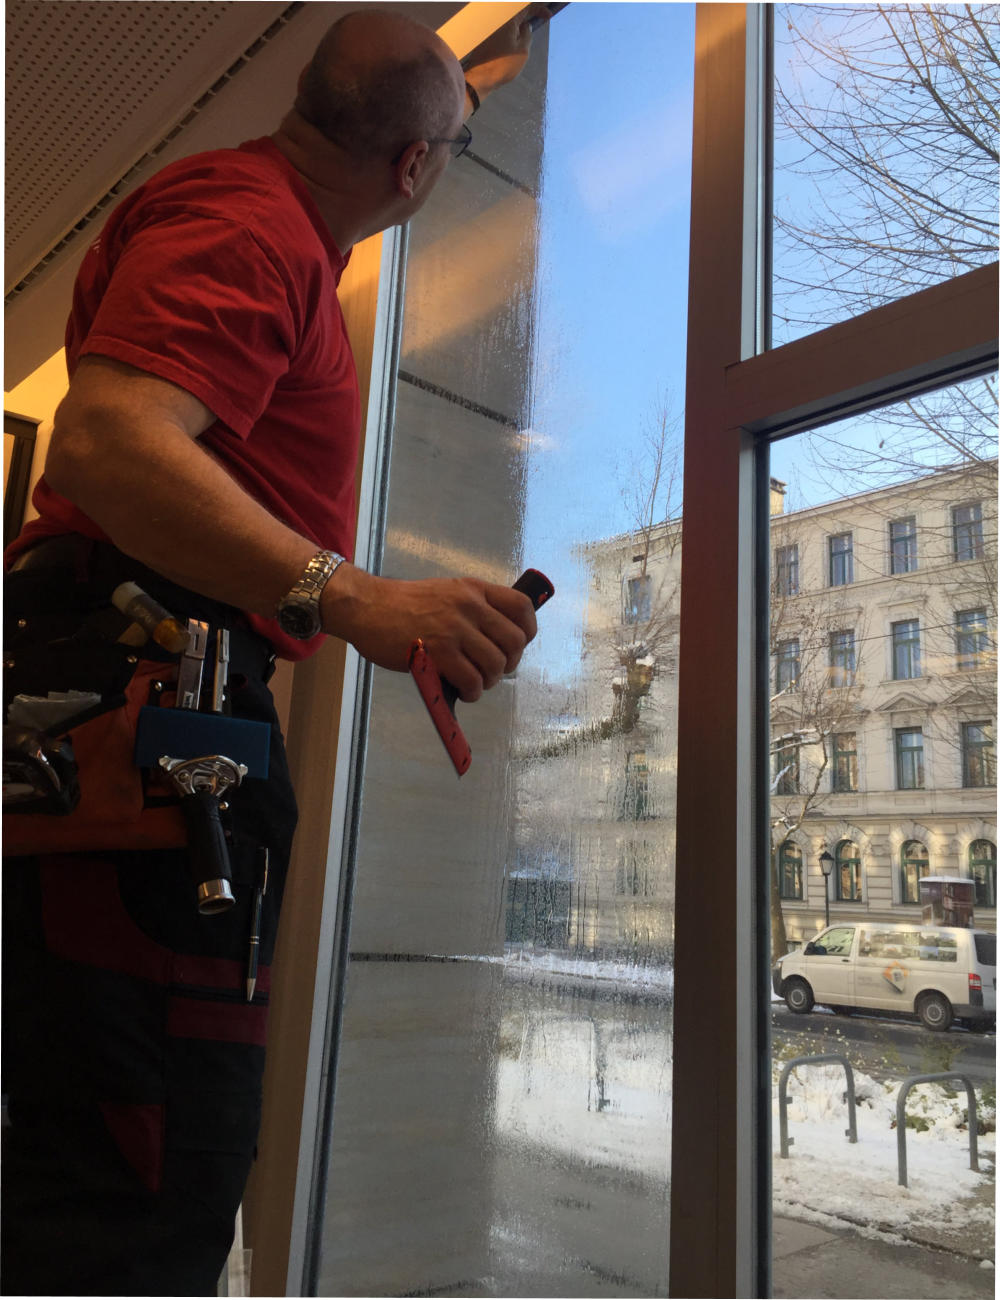 Full Size of Fenster Sicherheitsfolie Amazon Einbruch Preis Randanbindung Sicherheitsfolien Berlin Montage Test Kosten Holz Alu Insektenschutz Für Runde Türen Alarmanlage Fenster Fenster Sicherheitsfolie